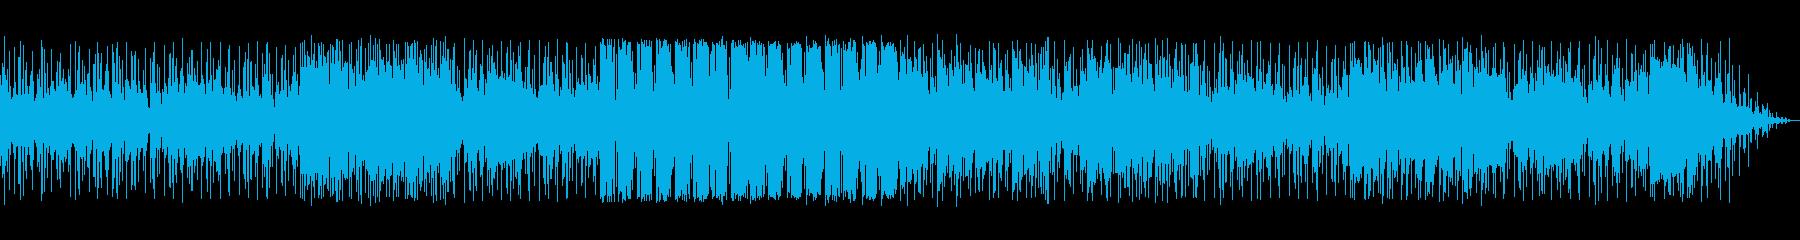 ベースの旋律が印象的なバラードの再生済みの波形